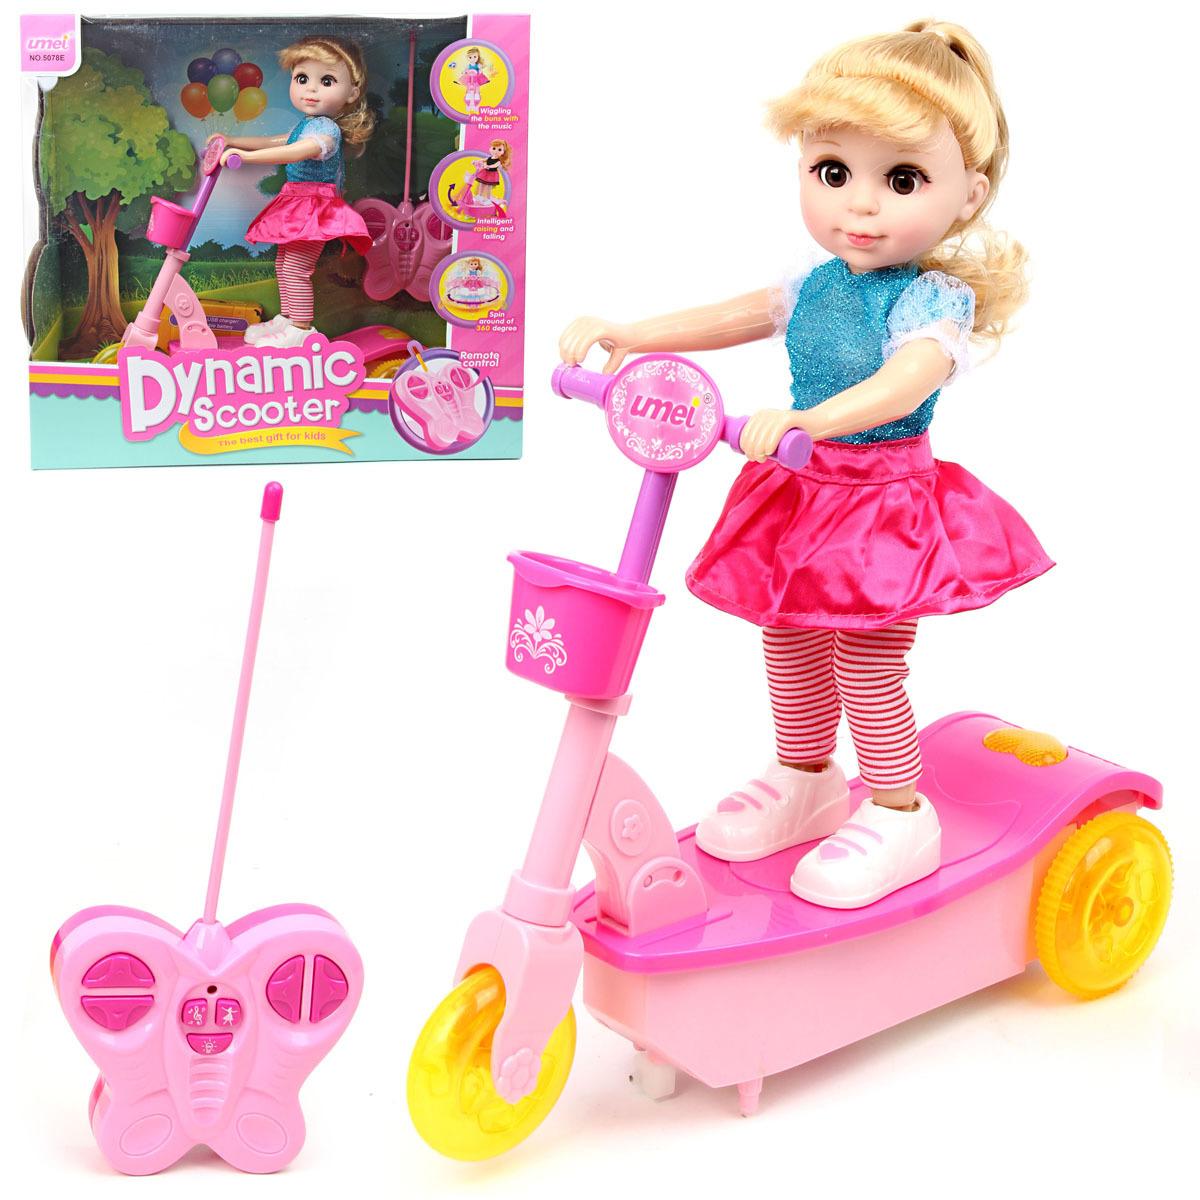 Картинка кукла на самокате